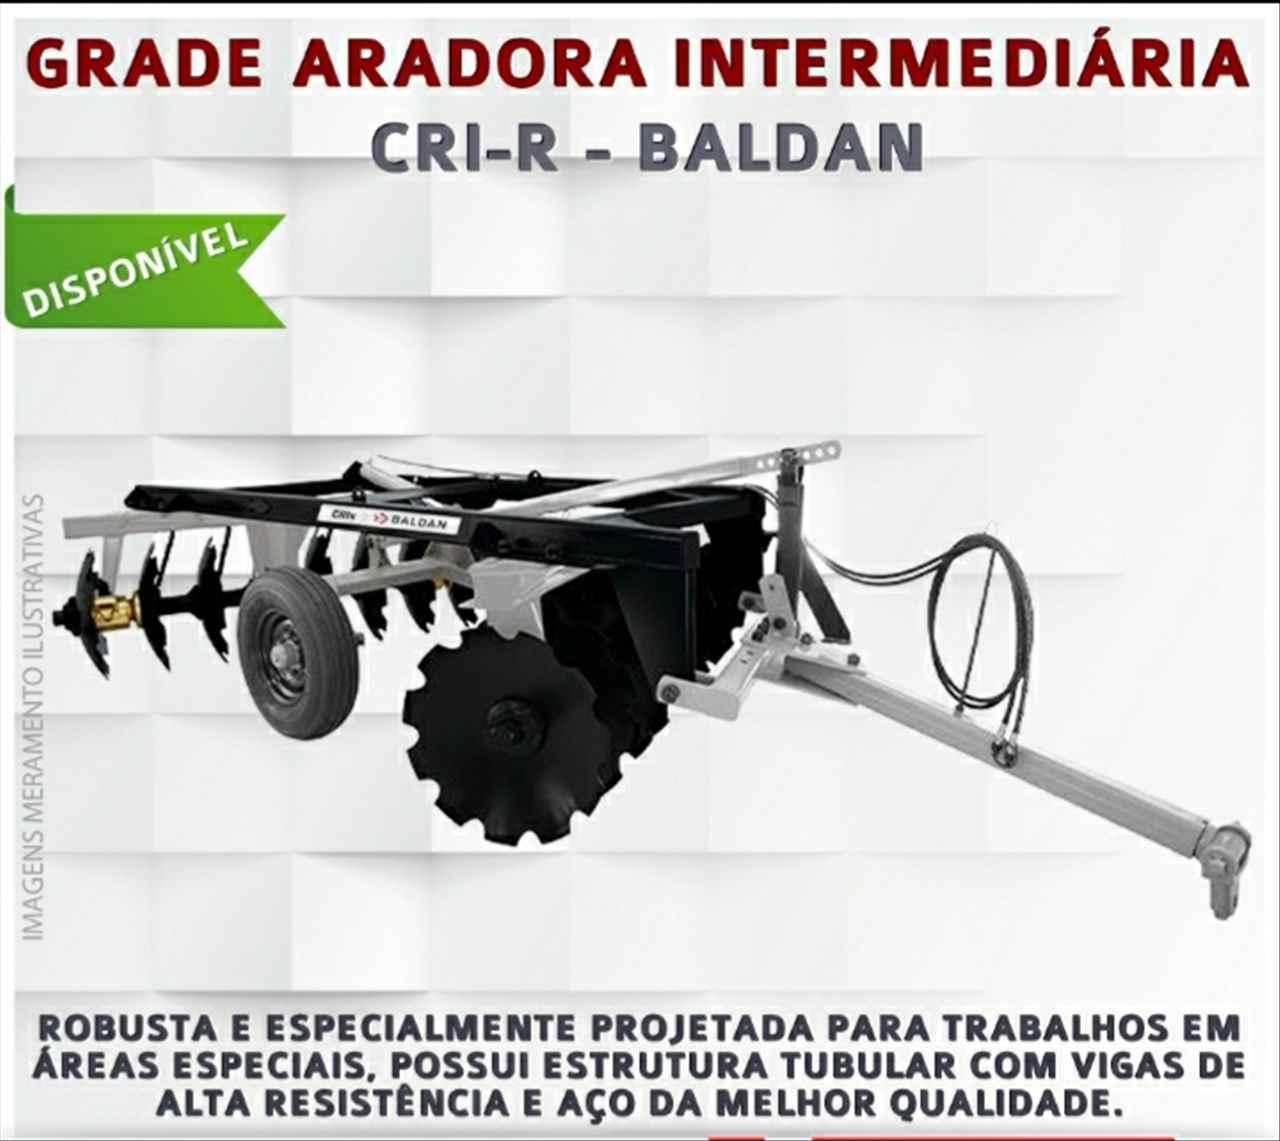 INTERMEDIÁRIA 20 DISCOS de Gerominho Implementos Agrícolas - UBERLANDIA/MG